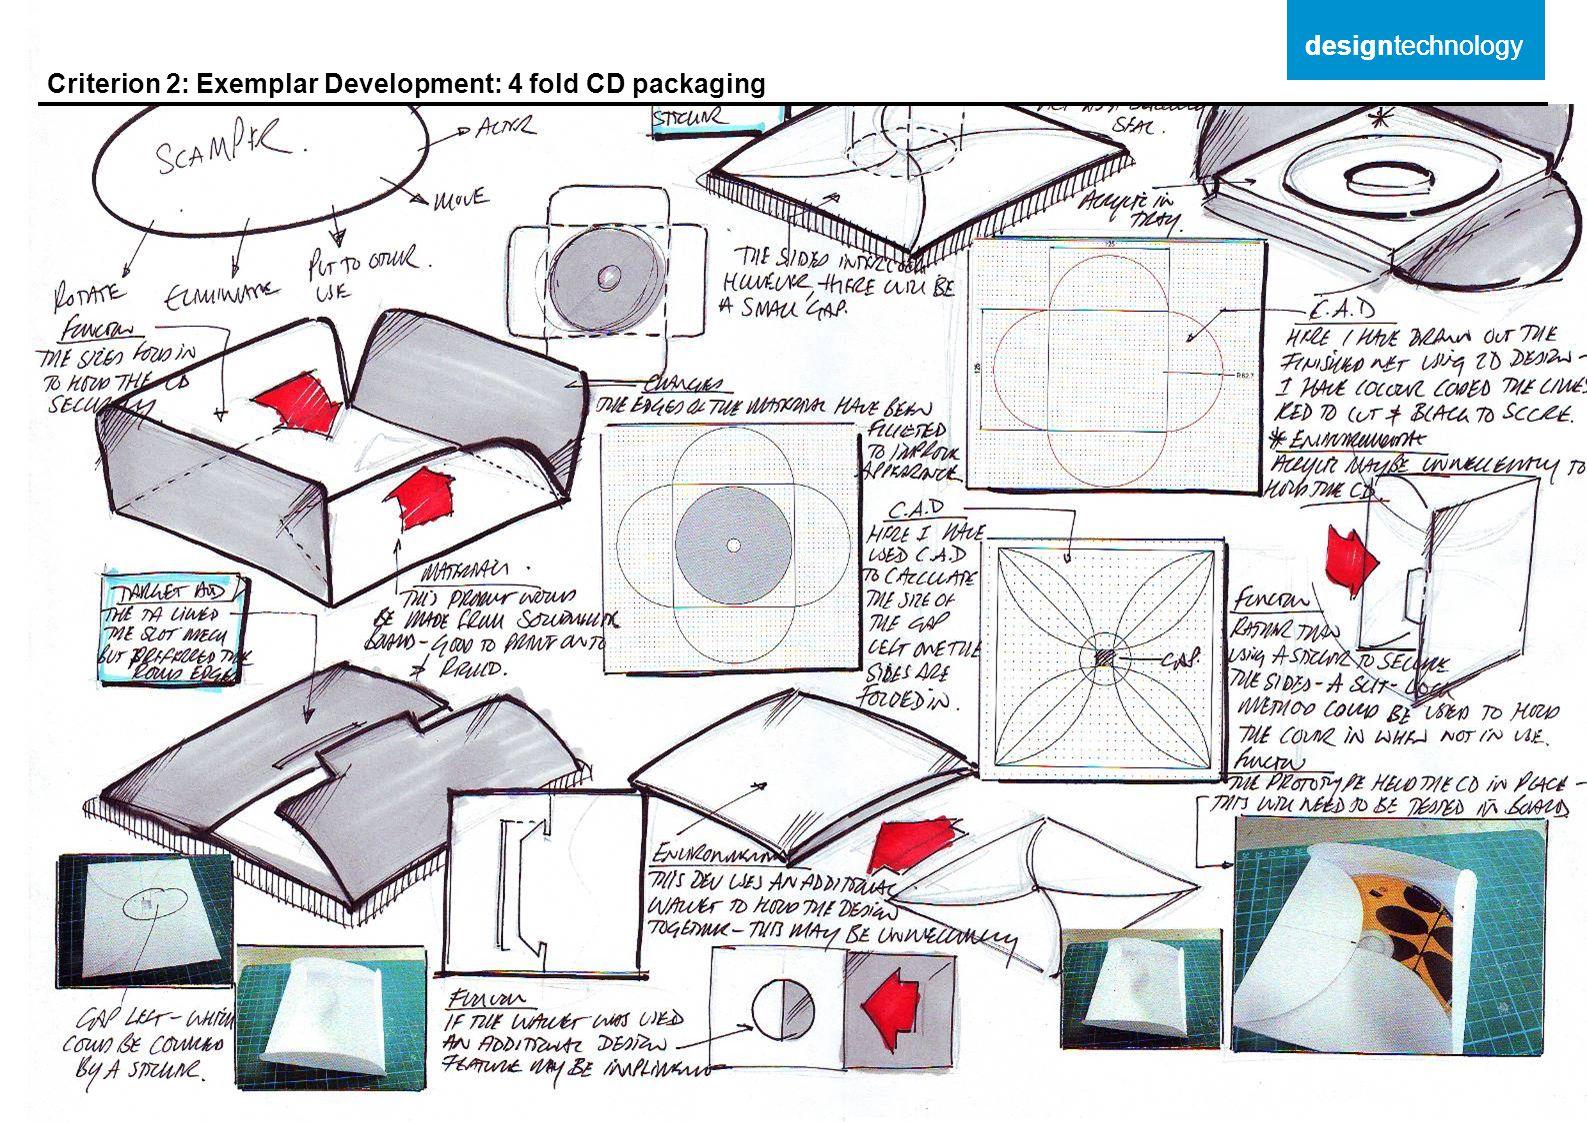 Criterion 2: Exemplar Development: 4 fold CD packaging designtechnology